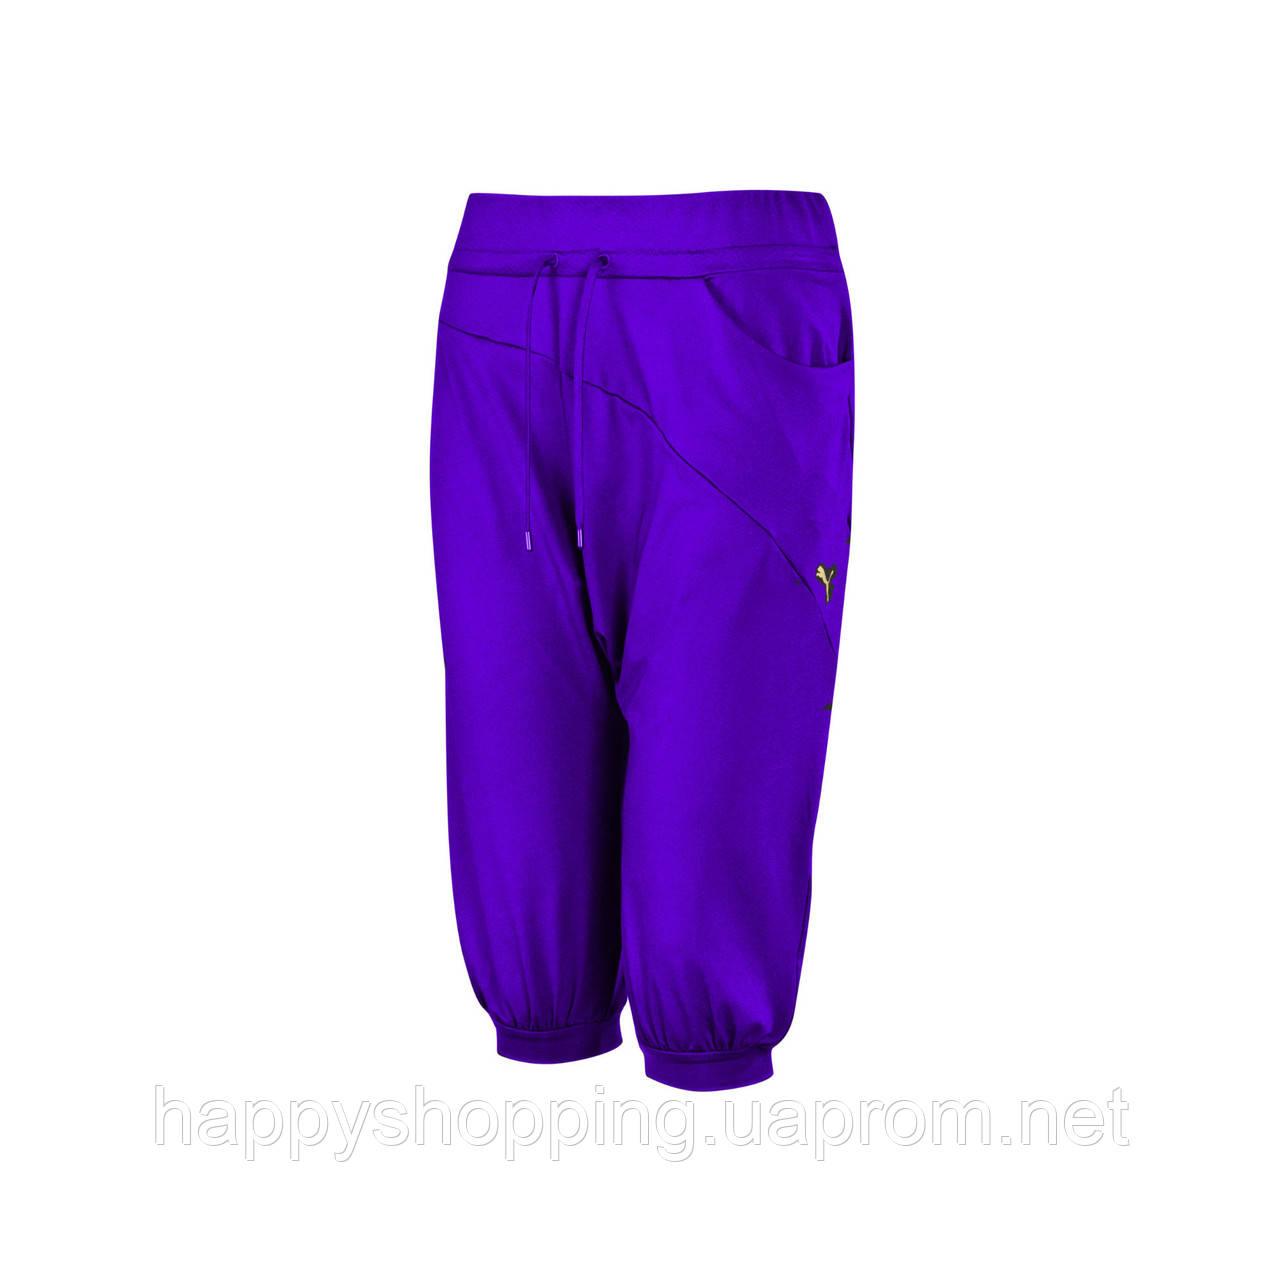 Фиолетовые бриджи Puma